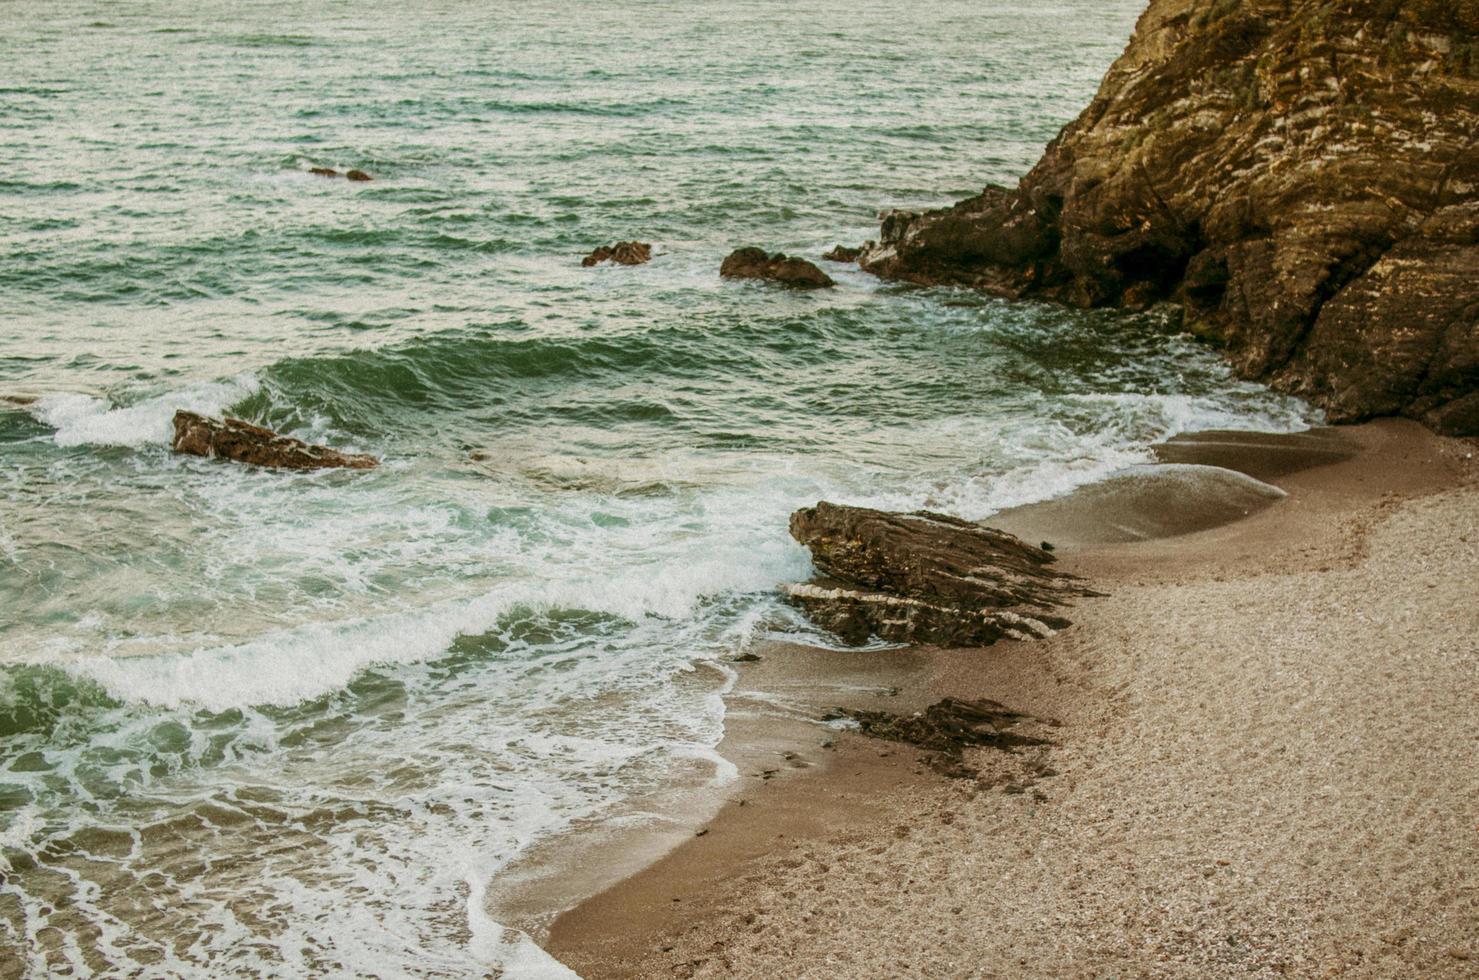 vista aérea de la orilla del mar foto